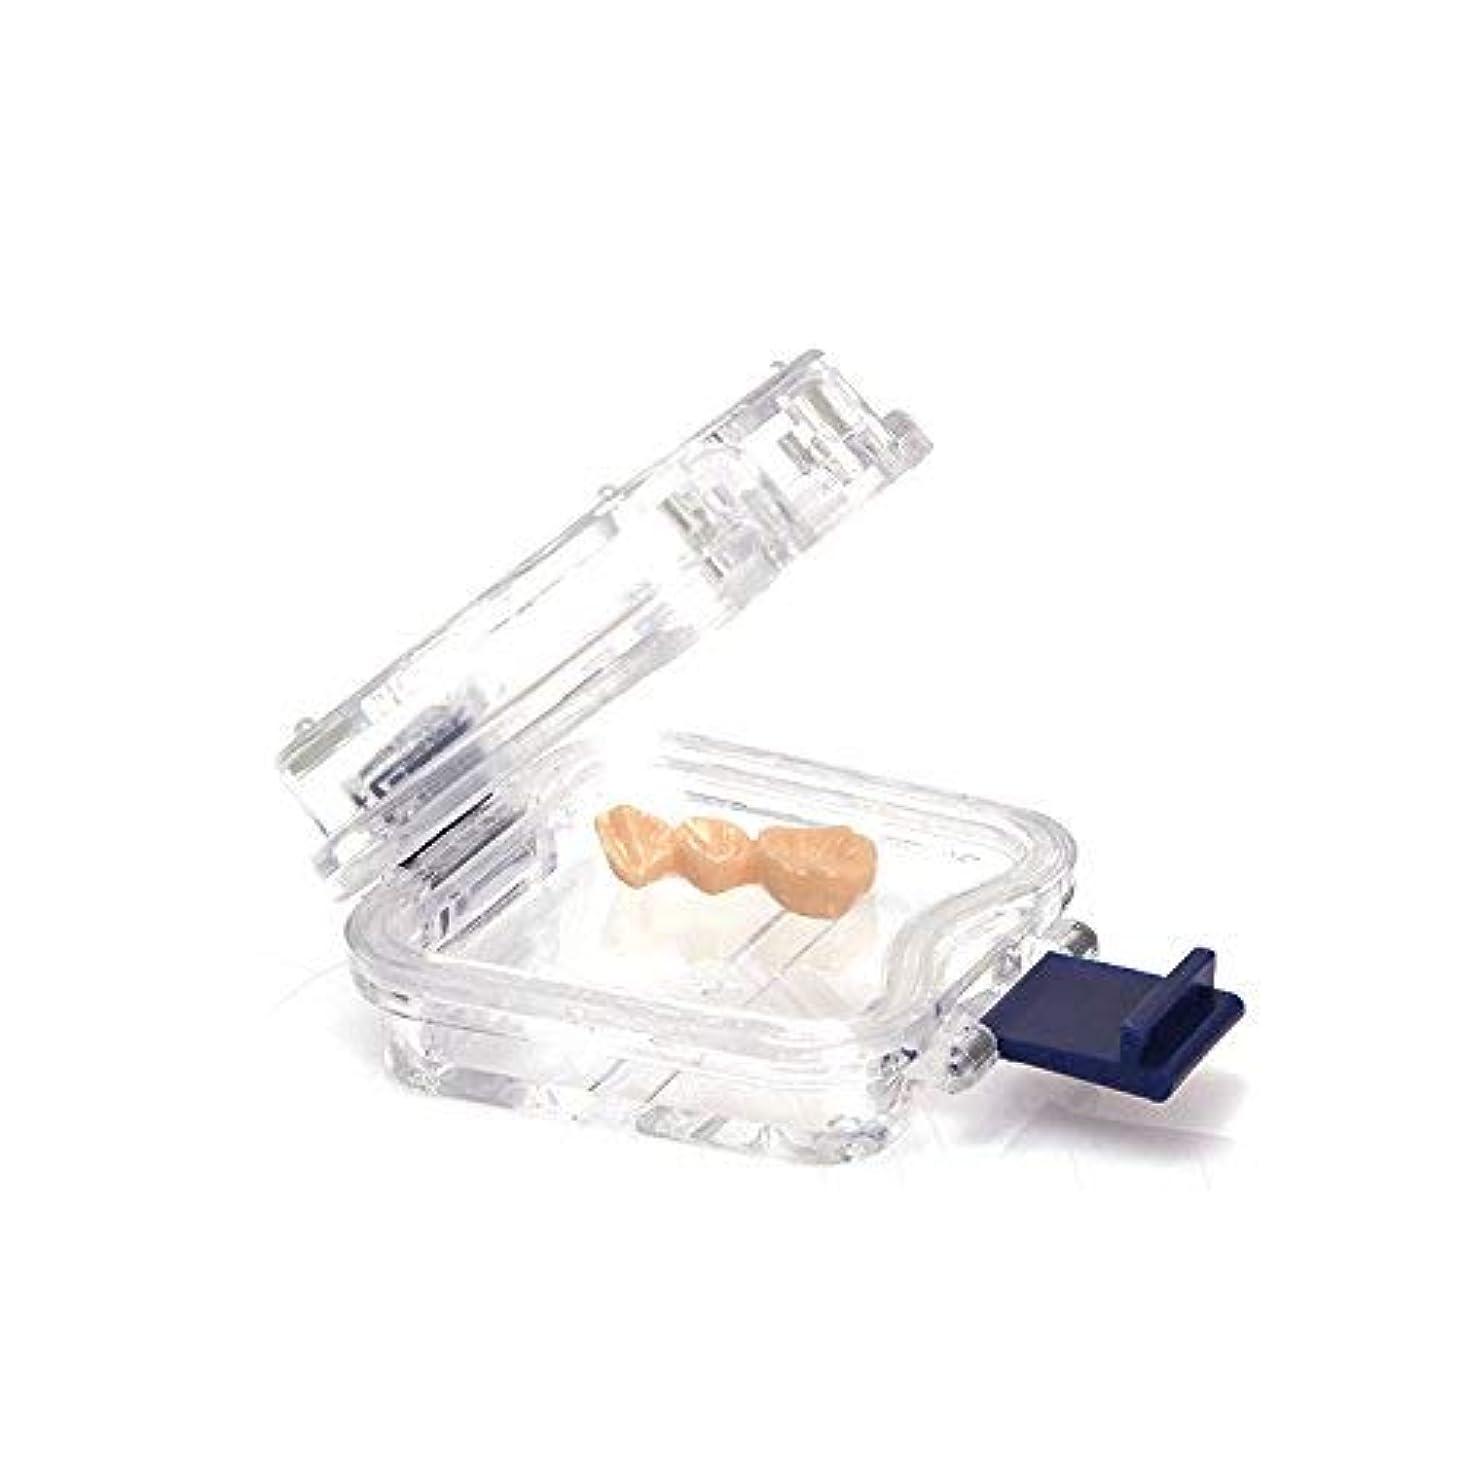 ドラフトスーパー代替案入れ歯ケース膜付き 5pcs/lot 義歯ケース 防振入れ歯ケース 小サイズ Annhua